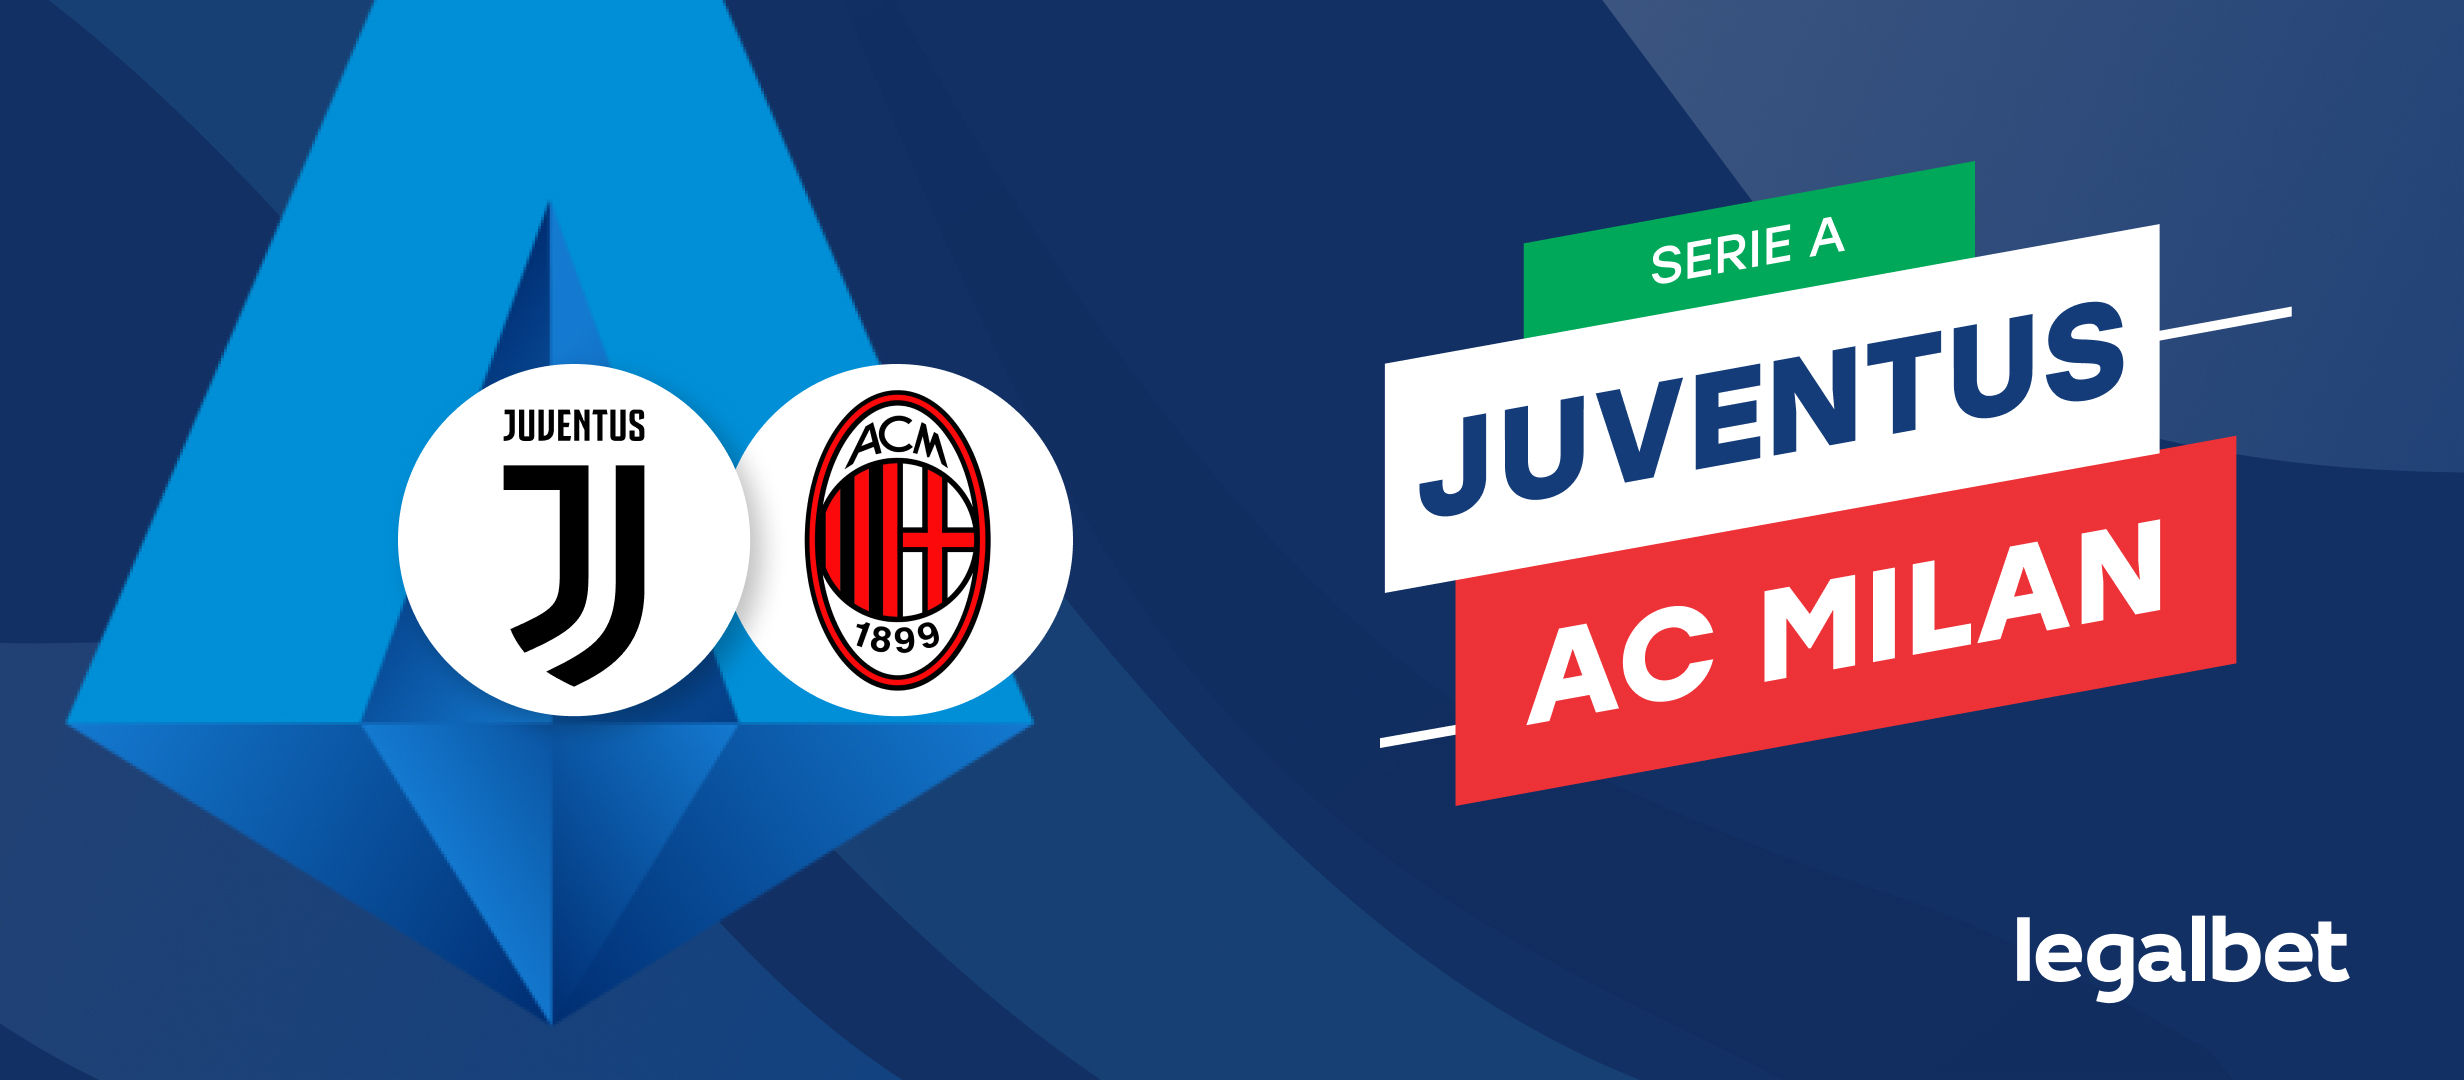 Apuestas Juventus - AC Milan, Serie A 2021/22